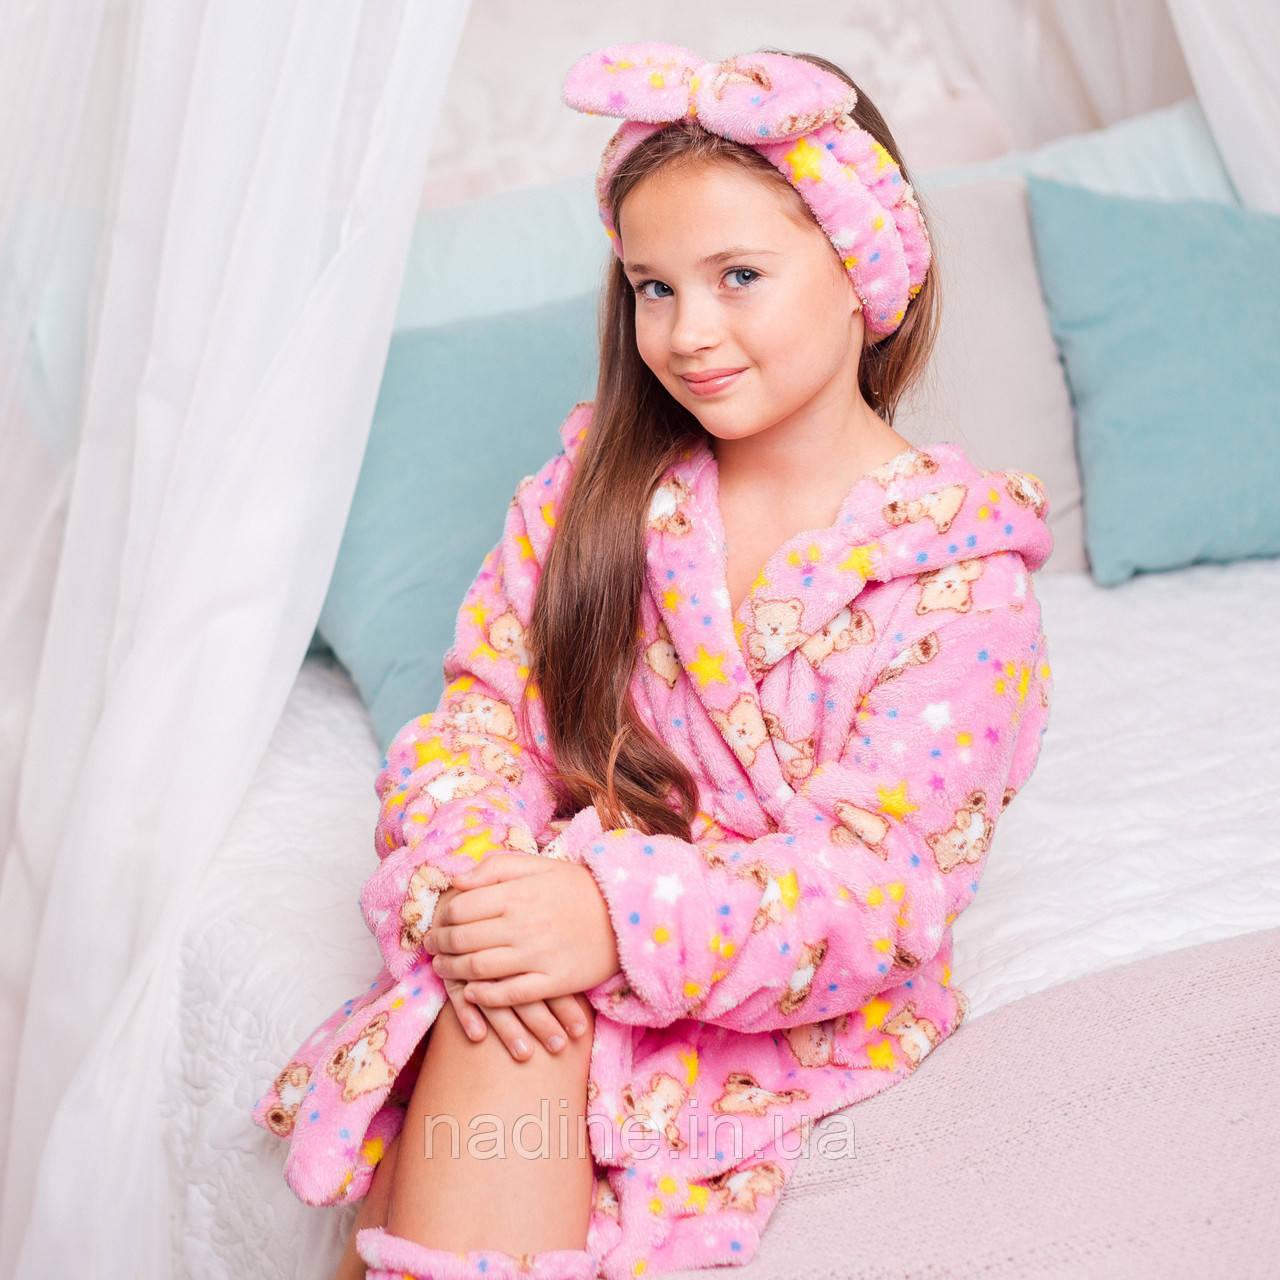 Детский халатик Мишутка Eirena Nadine (22-625) на рост 122 Розовый